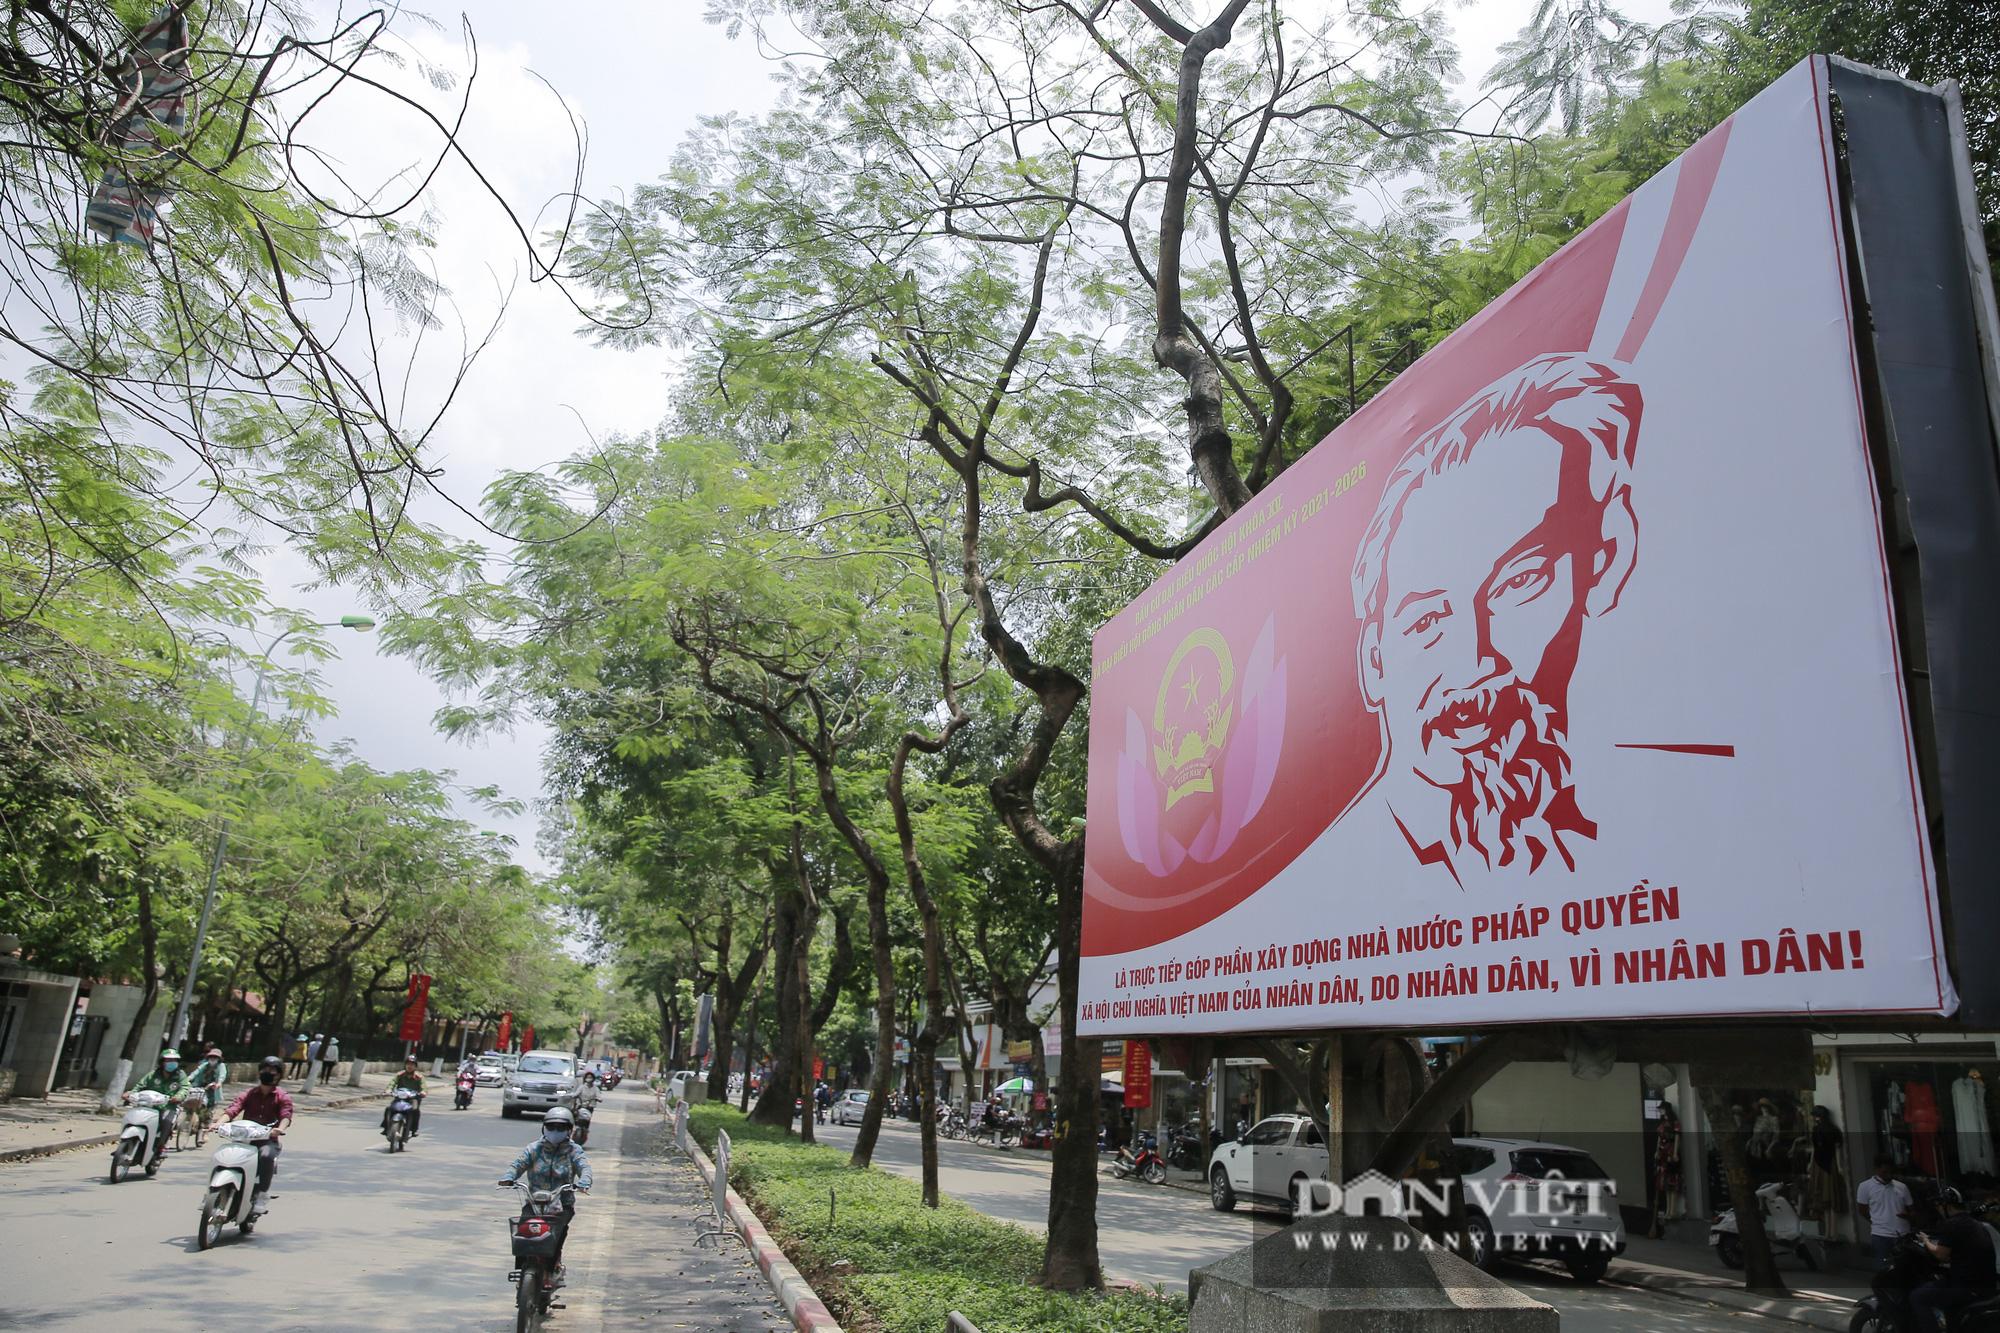 Đường phố Hà Nội trang hoàng rực rỡ trước ngày bầu cử - Ảnh 8.